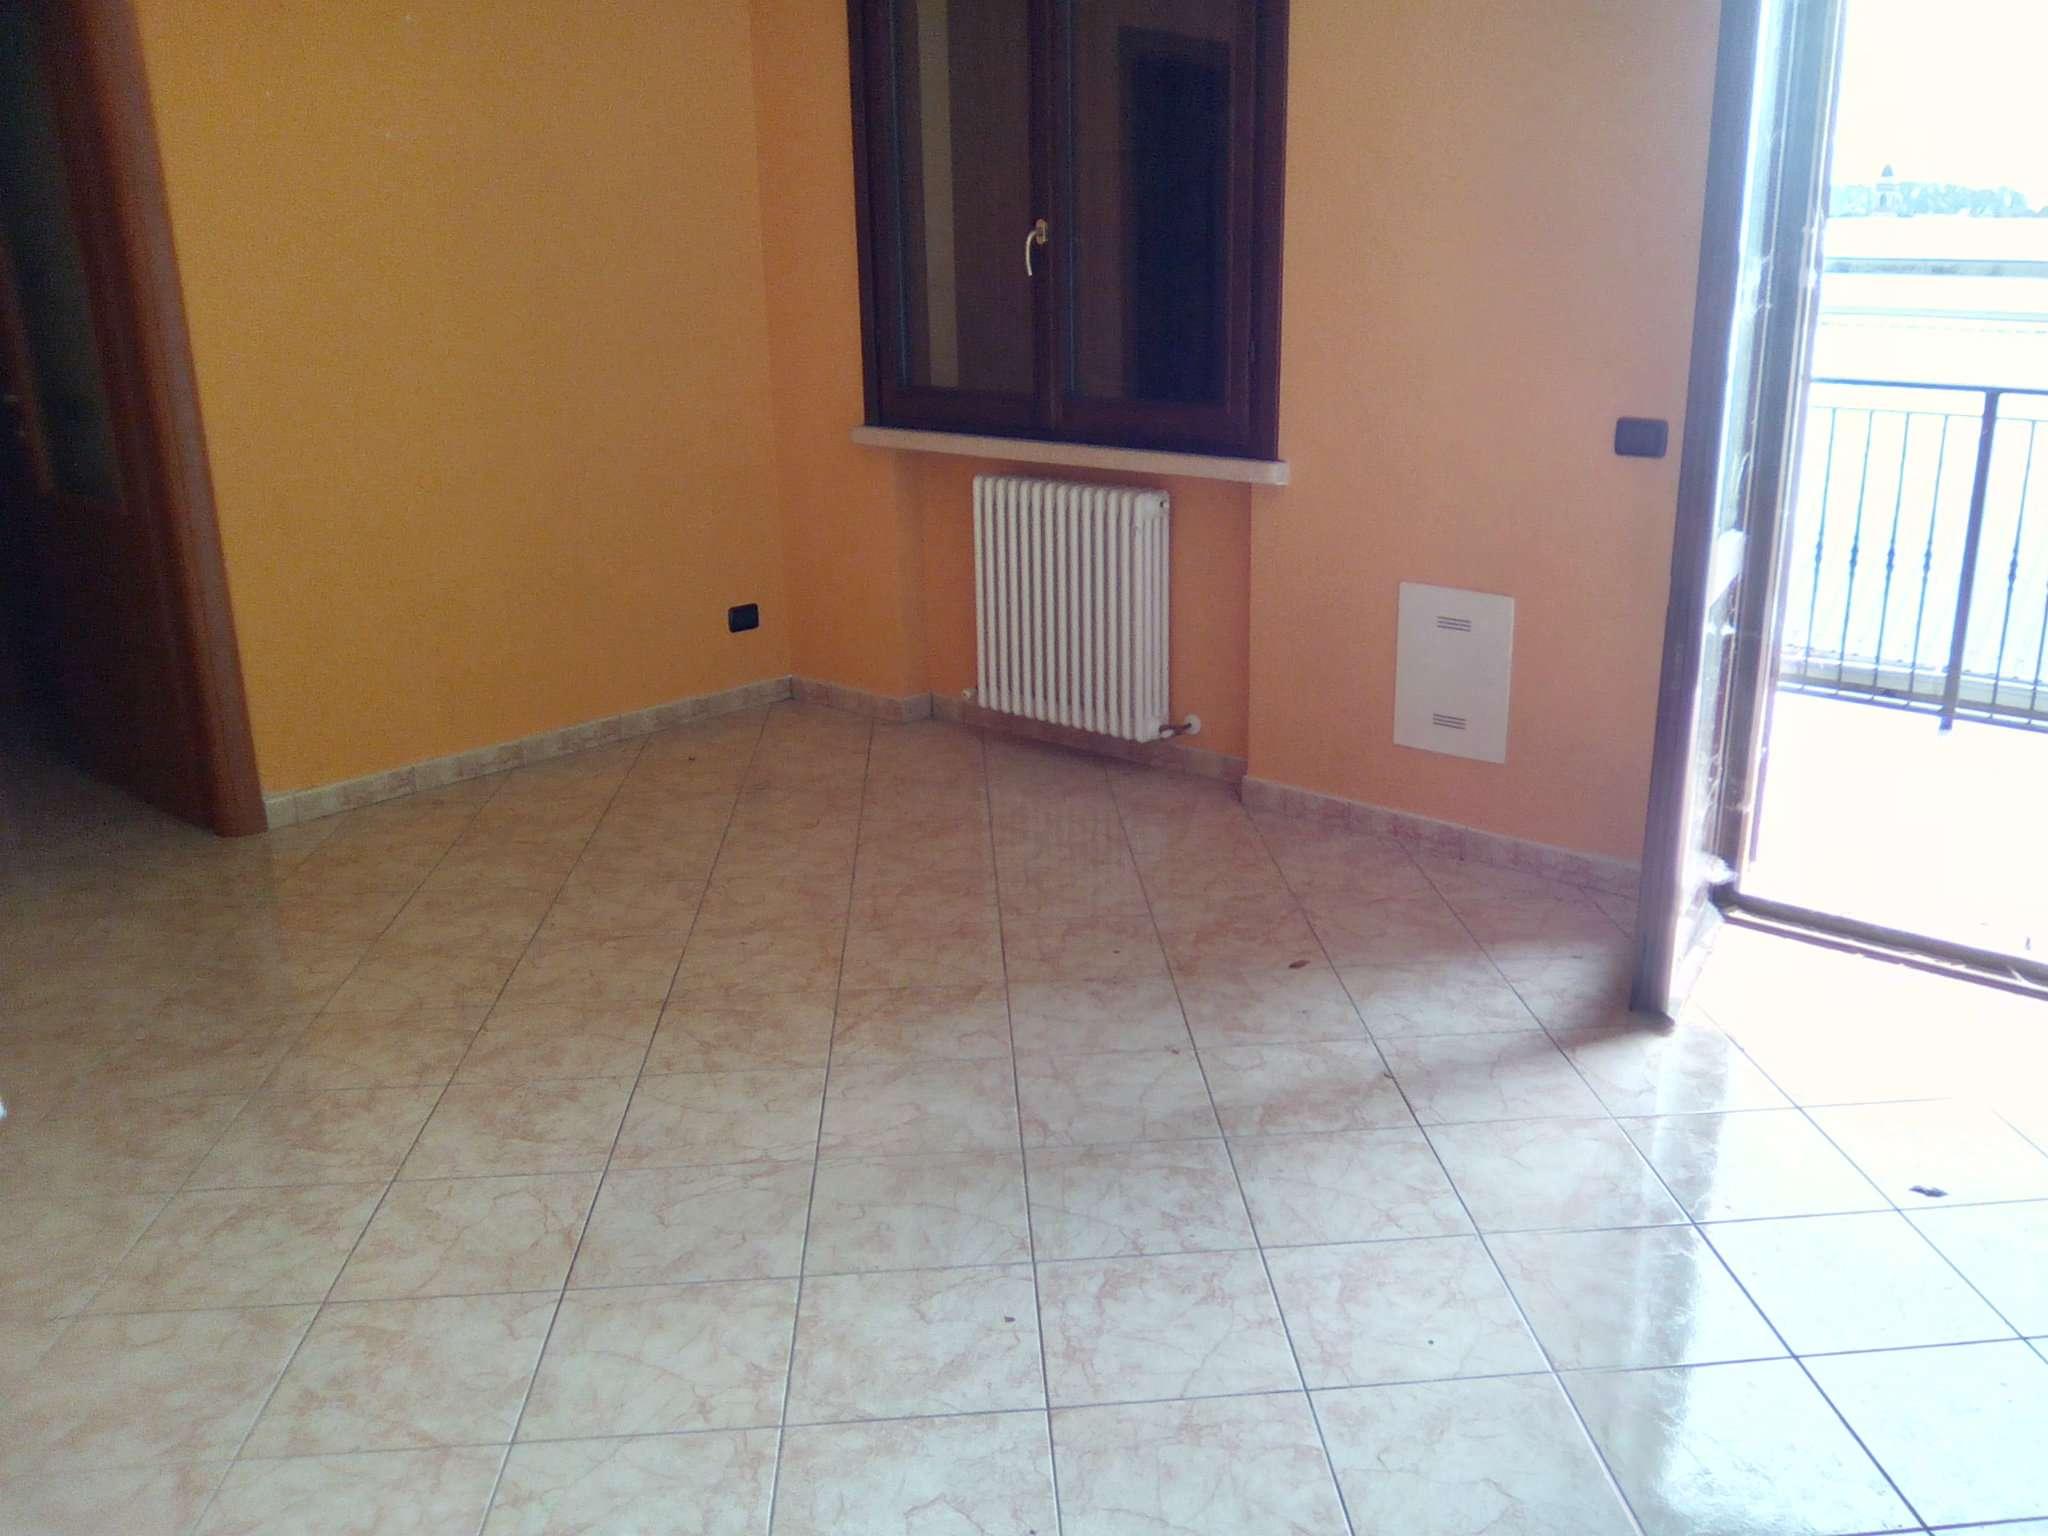 Appartamento in affitto a Gualtieri, 2 locali, prezzo € 330 | CambioCasa.it